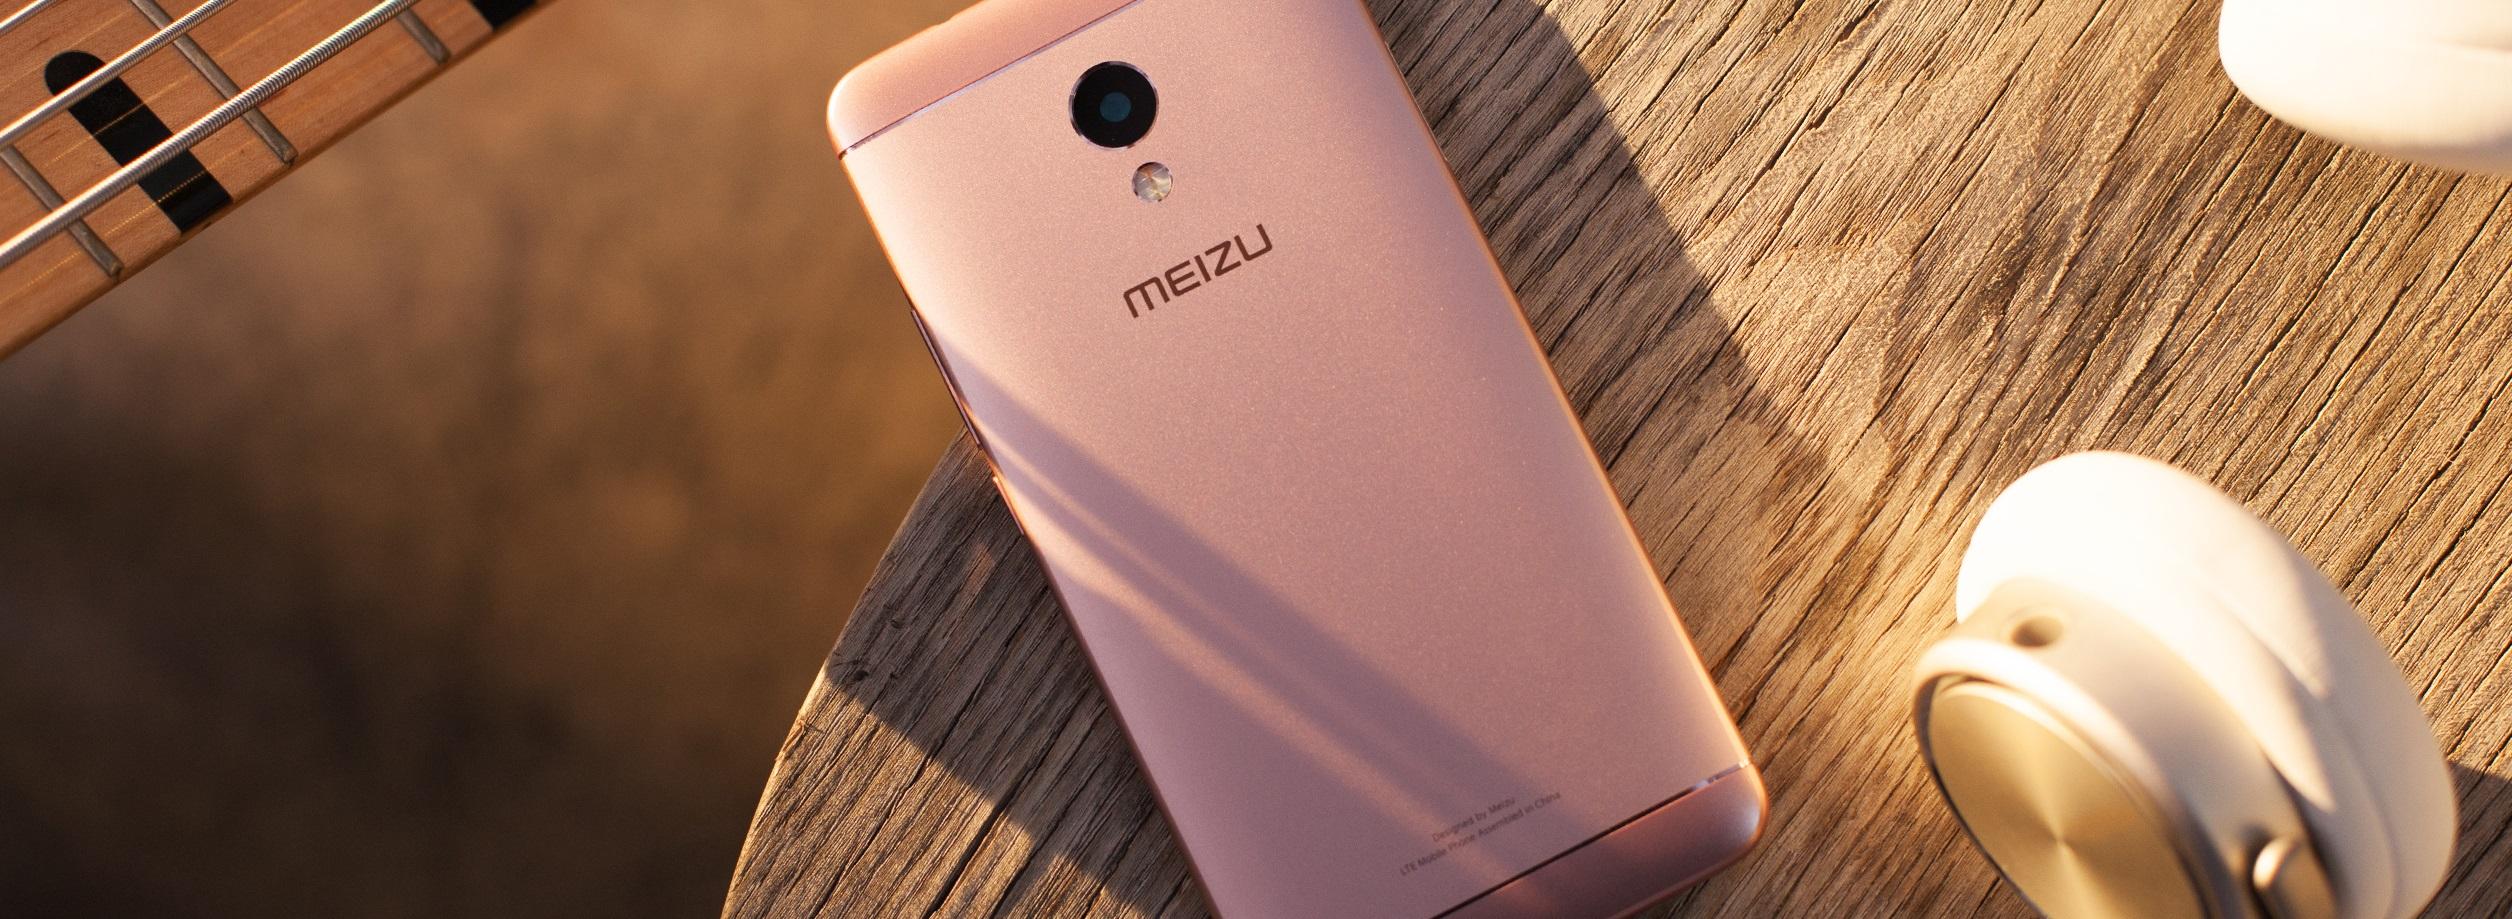 Meizu M5s_1